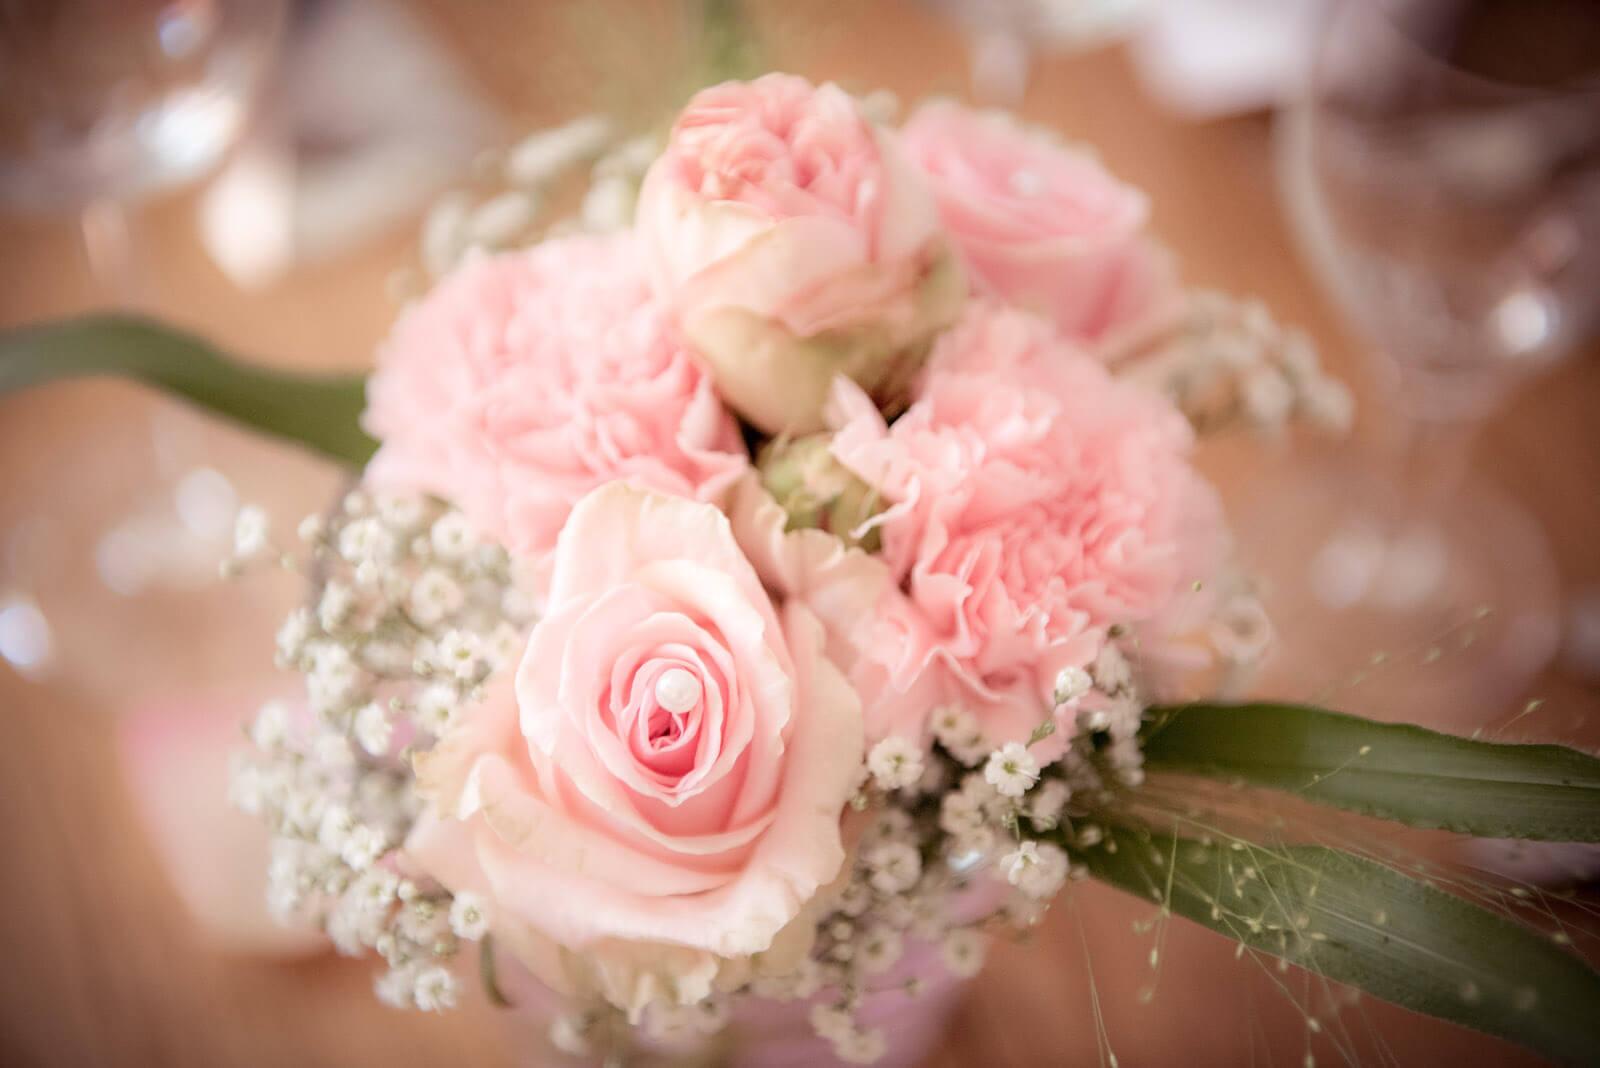 freie Trauung Ammersee - Tischdeko, Rose mit Perle